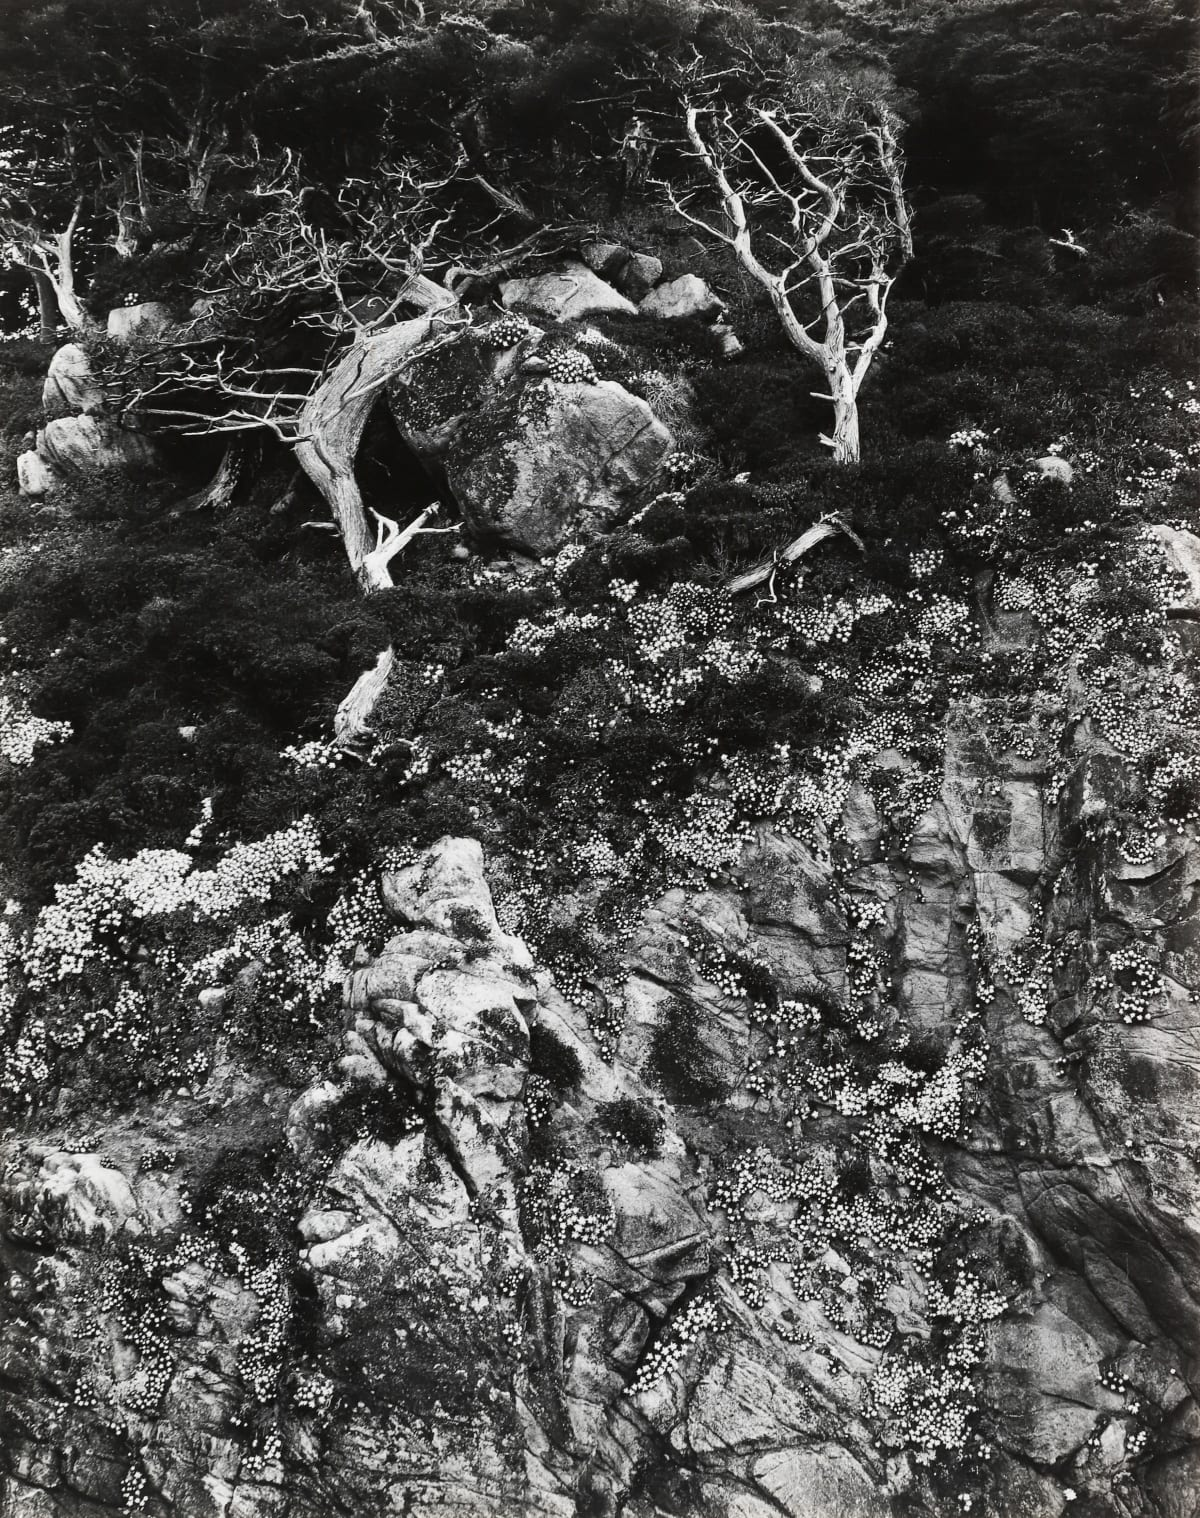 Edward Weston, Point Lobos, 1940